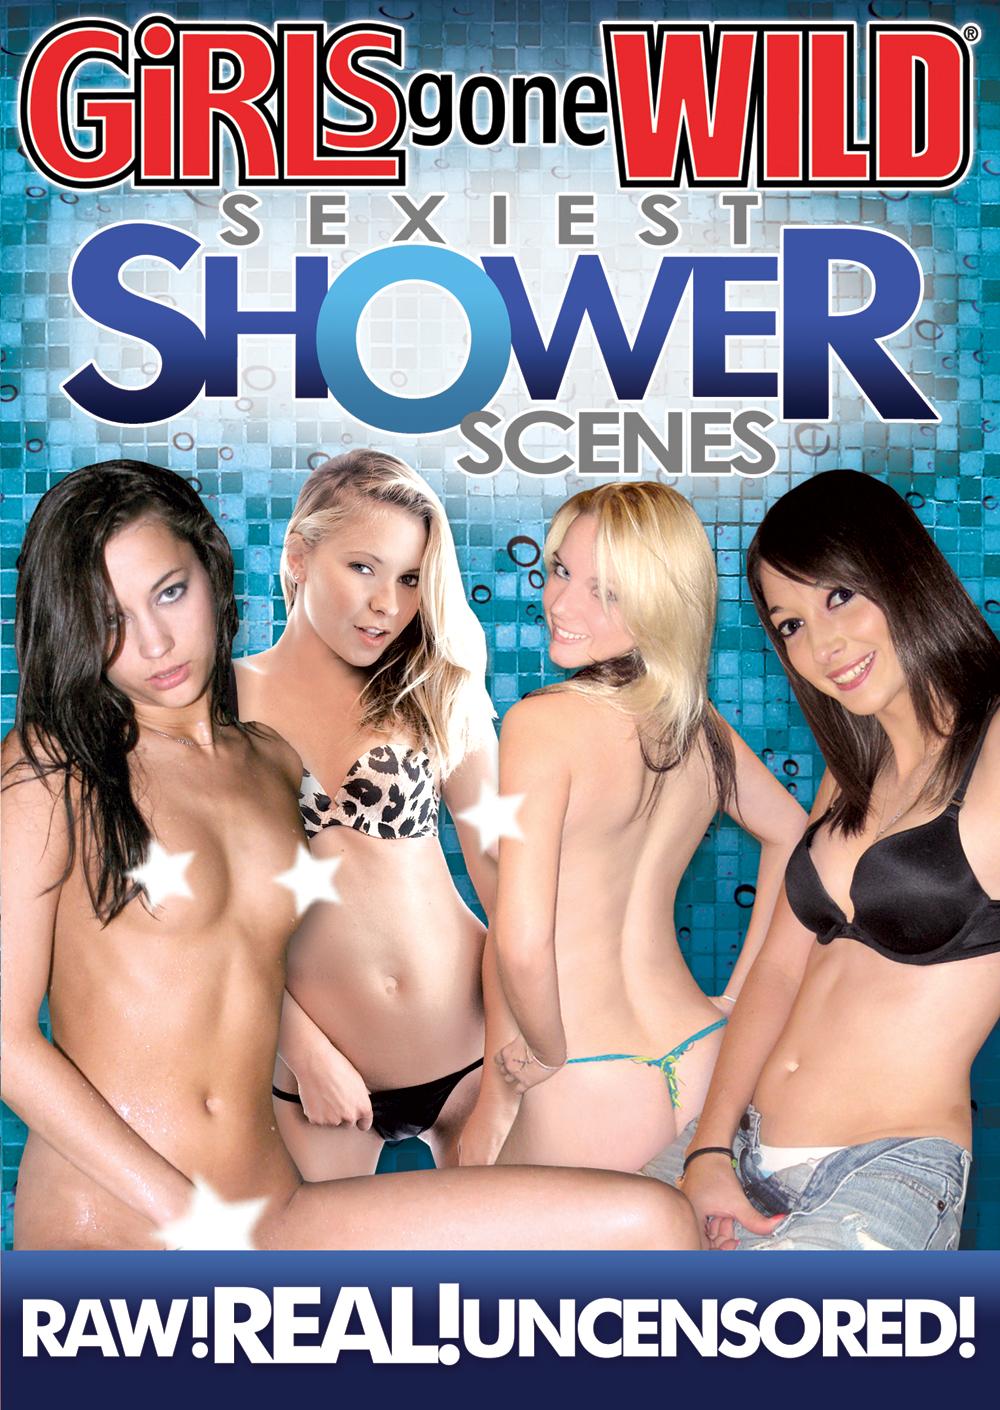 Girls Gone Wild: Sexiest Shower Scenes